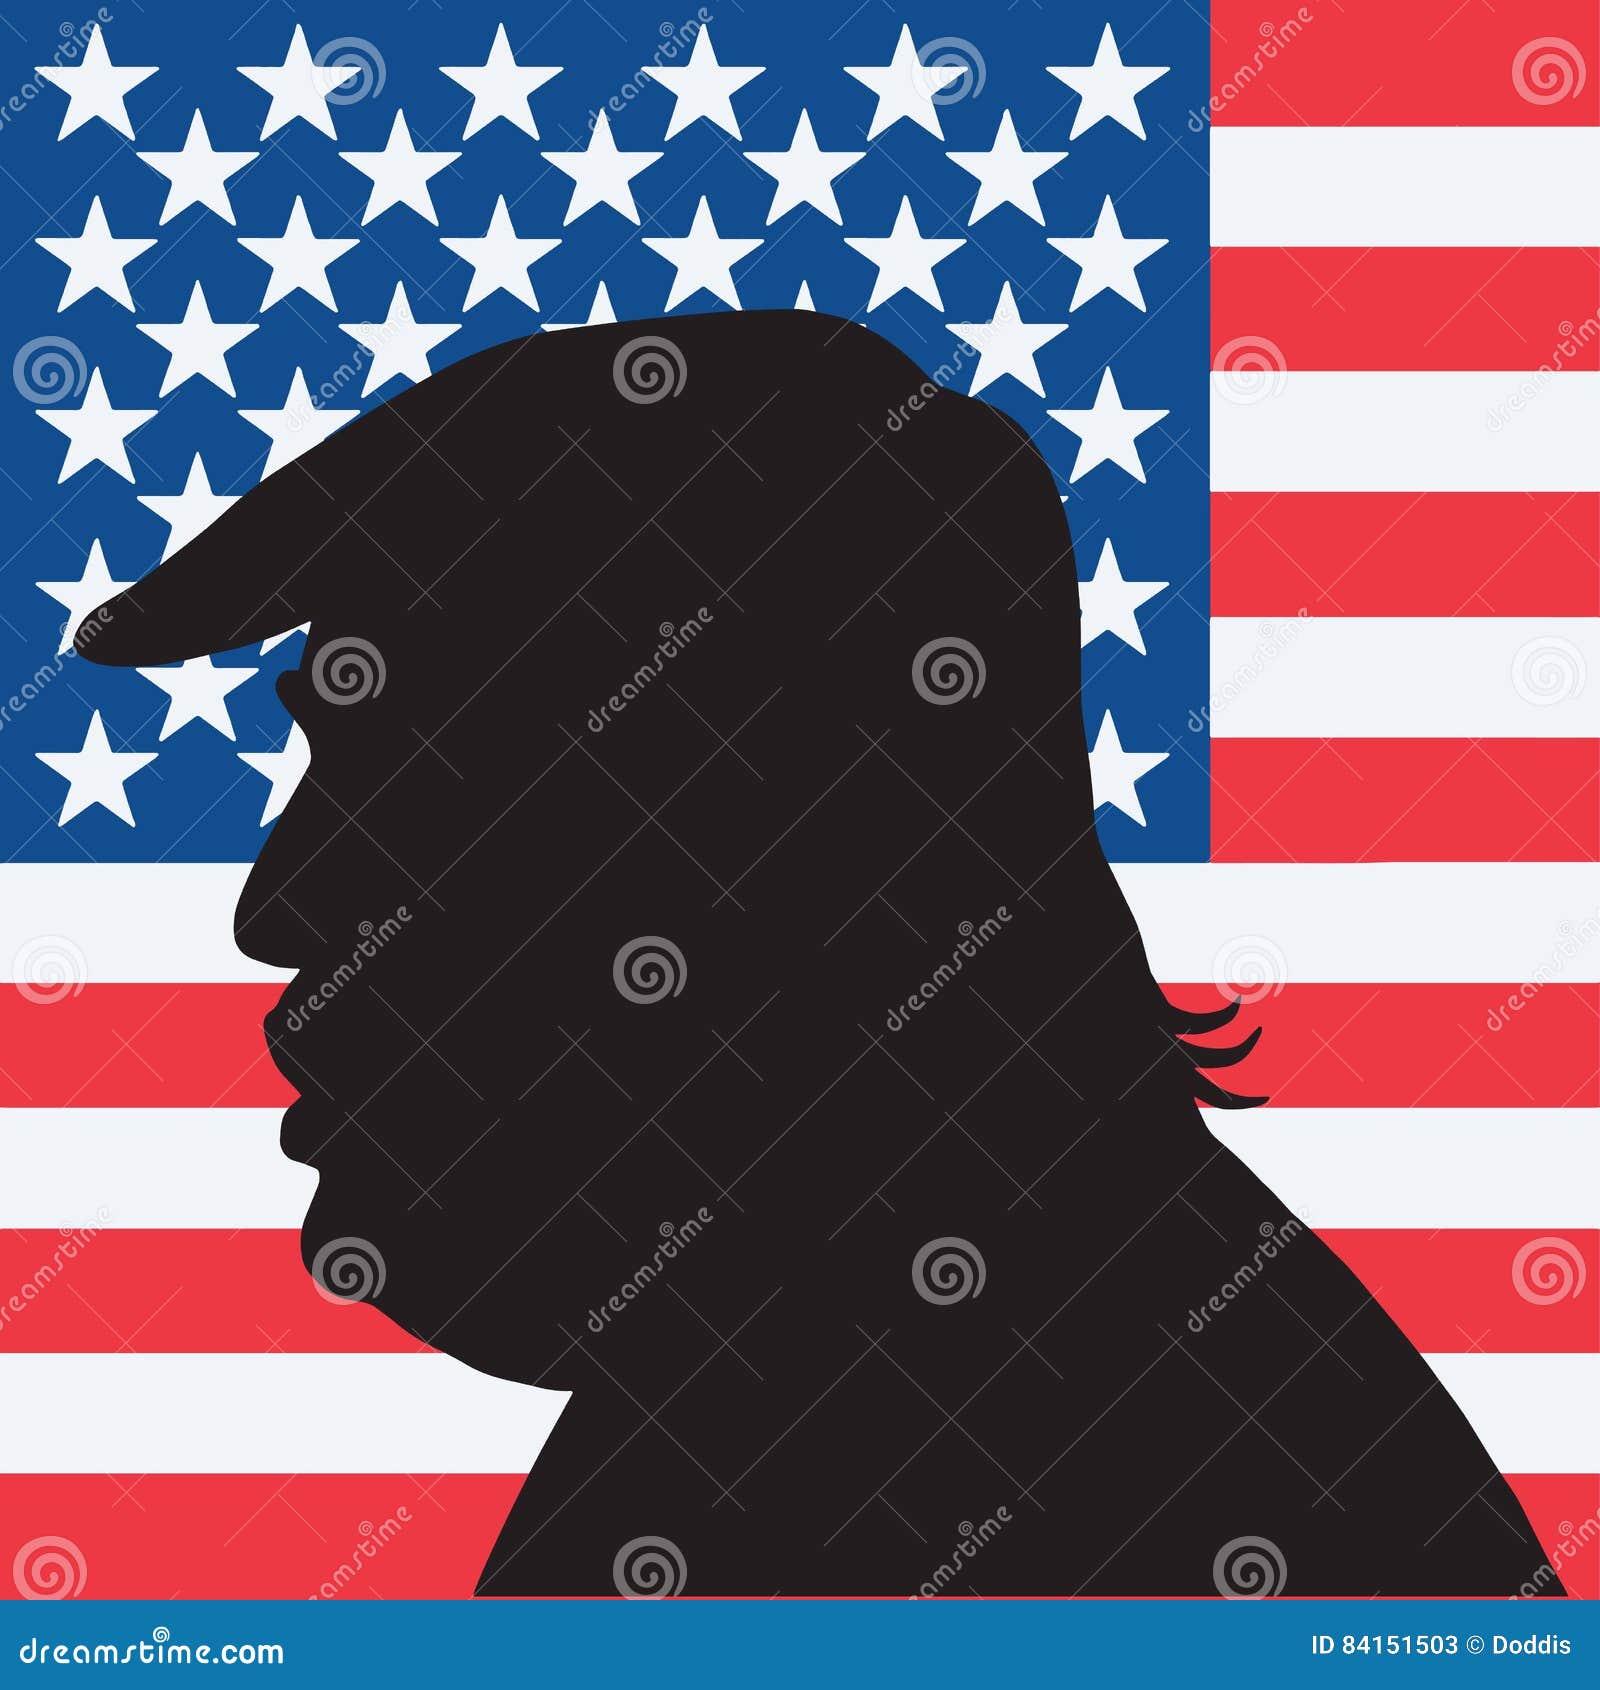 45.o Presidente de los Estados Unidos Donald Trump Portrait Silhouette con la bandera americana